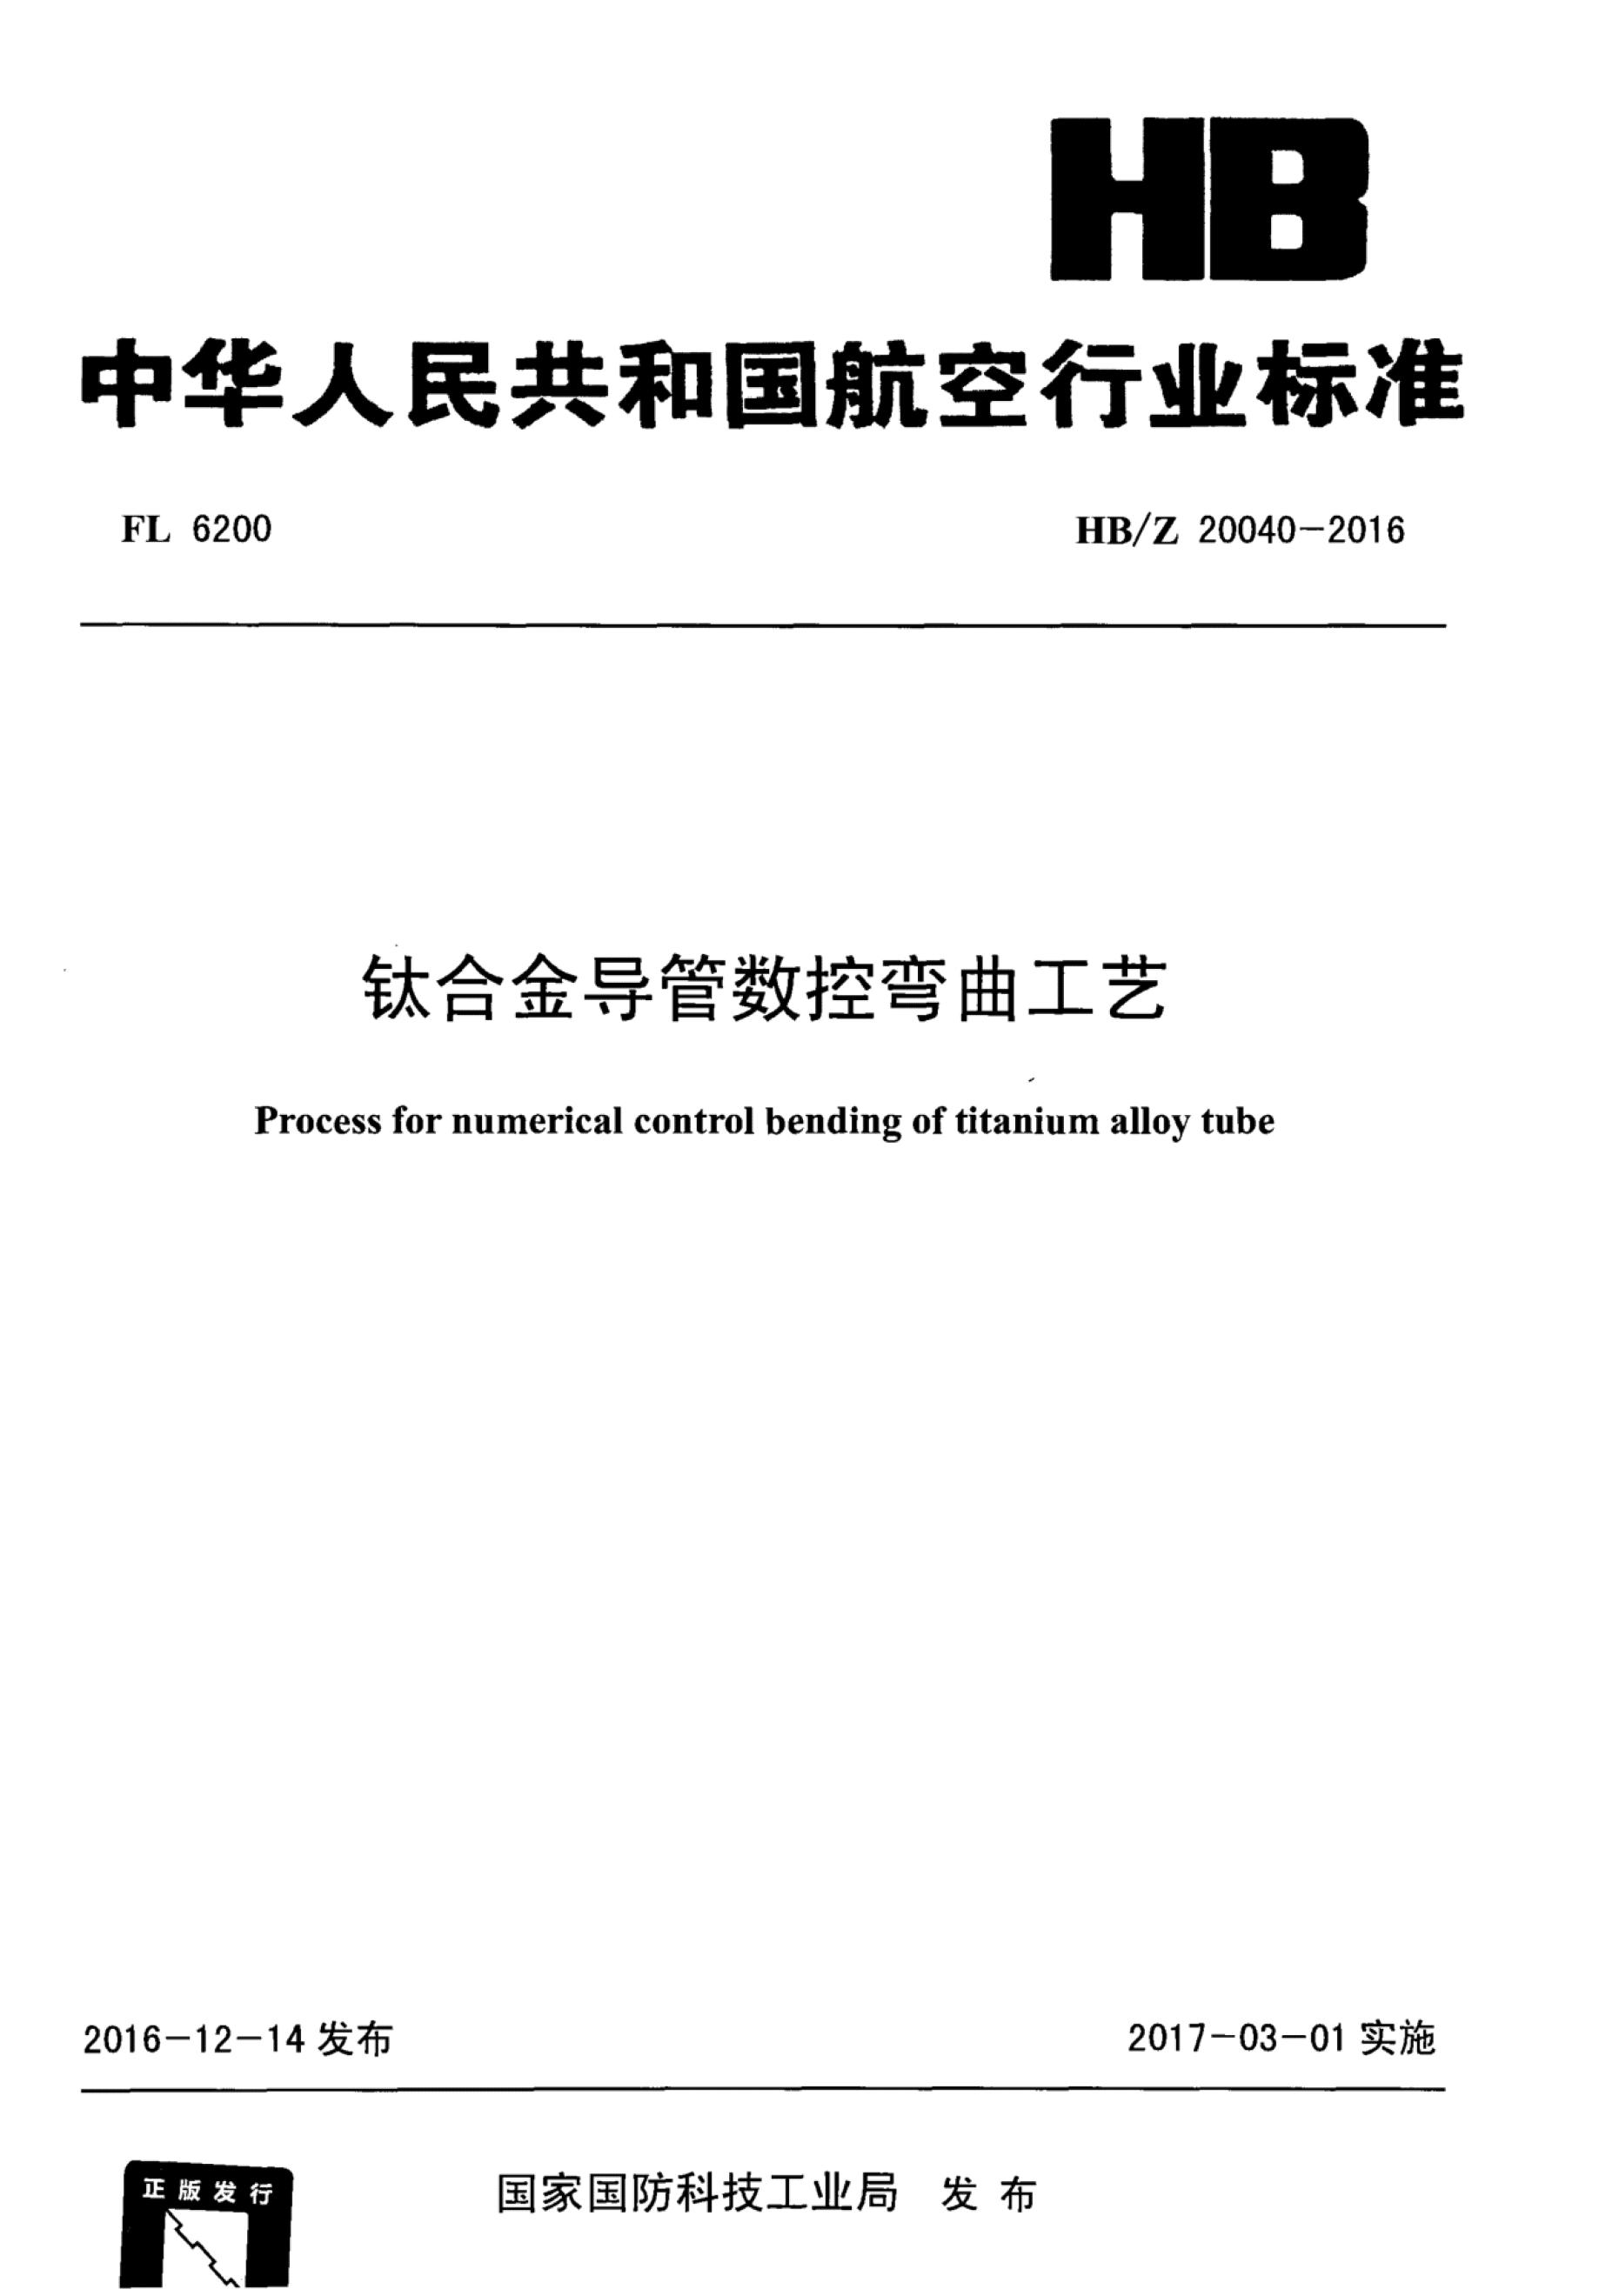 HB/Z 20040-2016  钛合金导管数控弯曲工艺.pdf-2020-10-29-22-24-26-195.docx